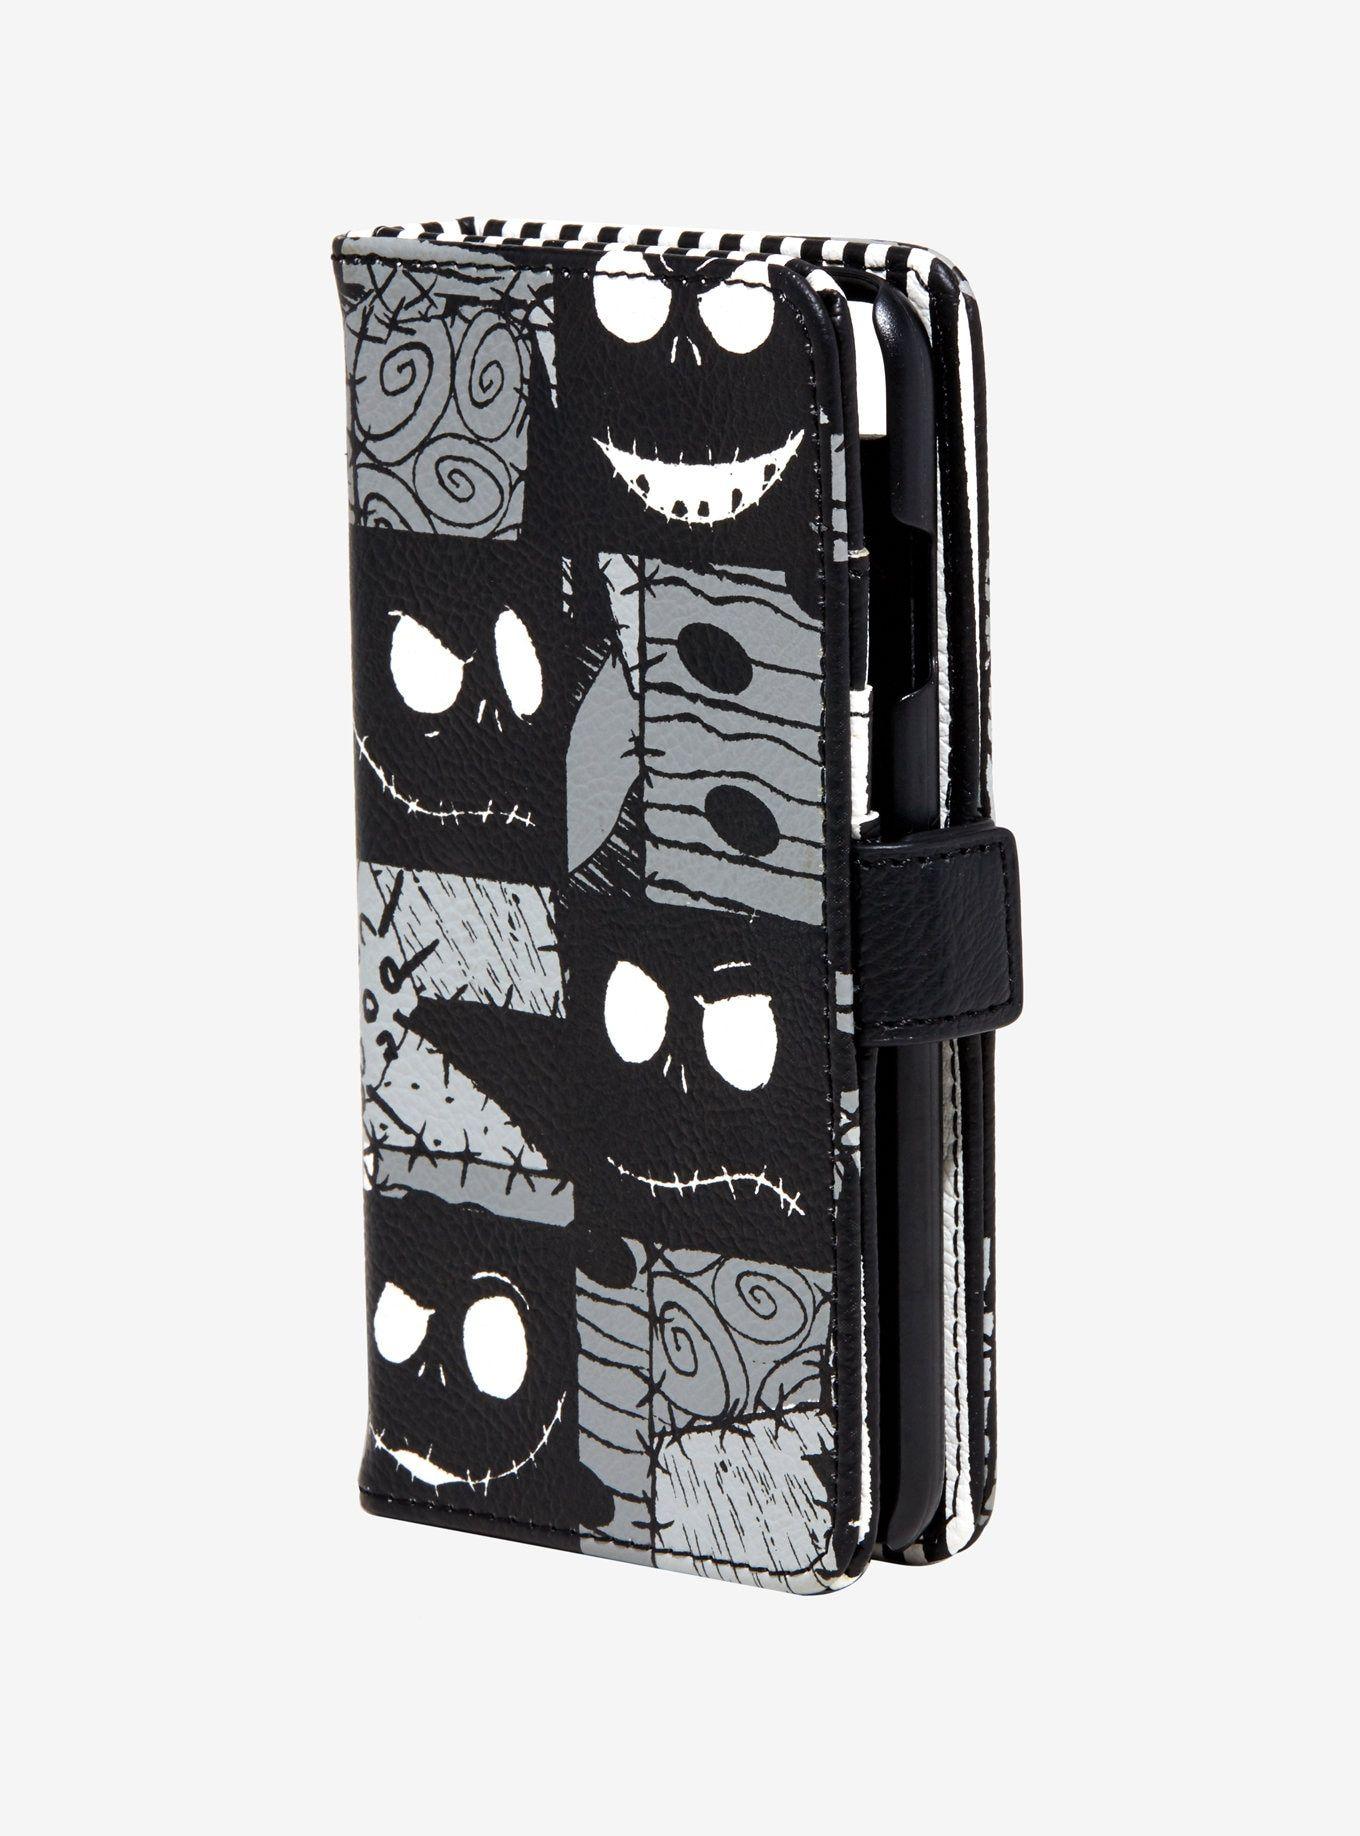 Jack Skellington Halloween Nightmare Before Christmas iphone case